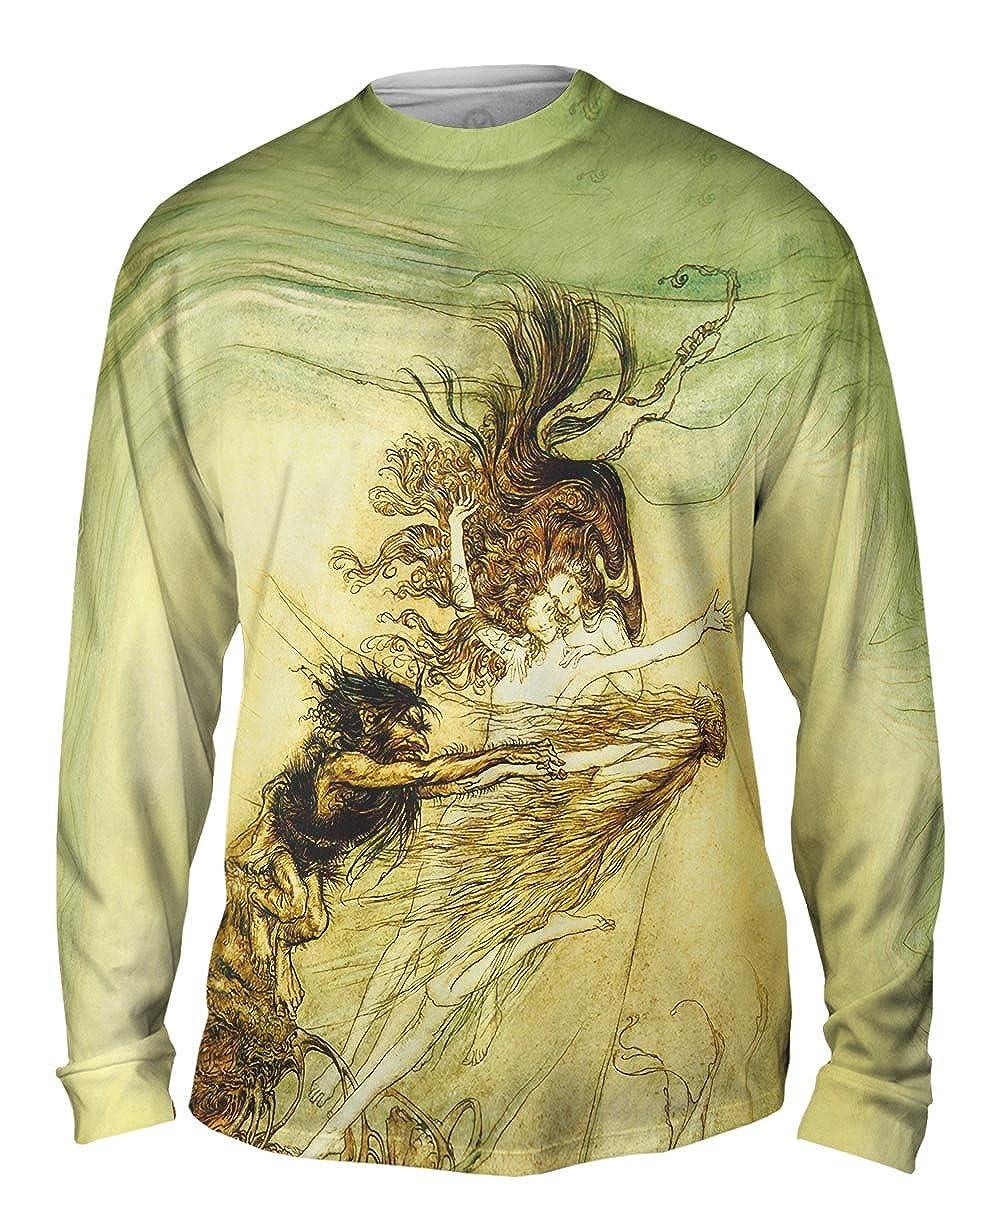 1910 Yizzam- Arthur Rackham Rhine Maidens Tease -TShirt- Mens Long Sleeve